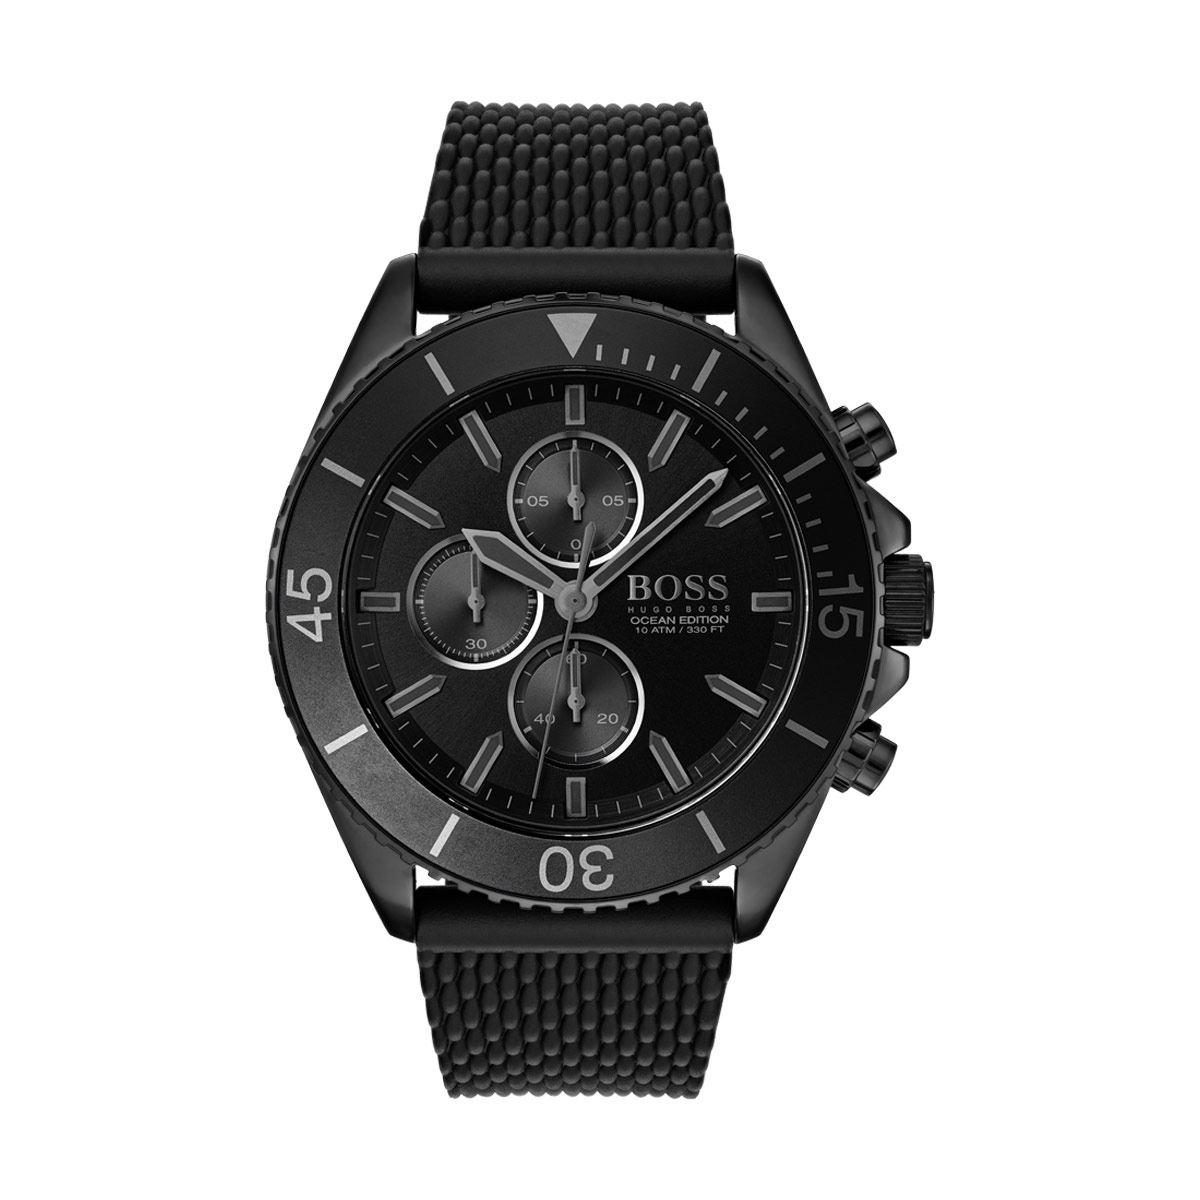 Reloj Boss Ocean Edition Color Negro 1513699 Para Caballero